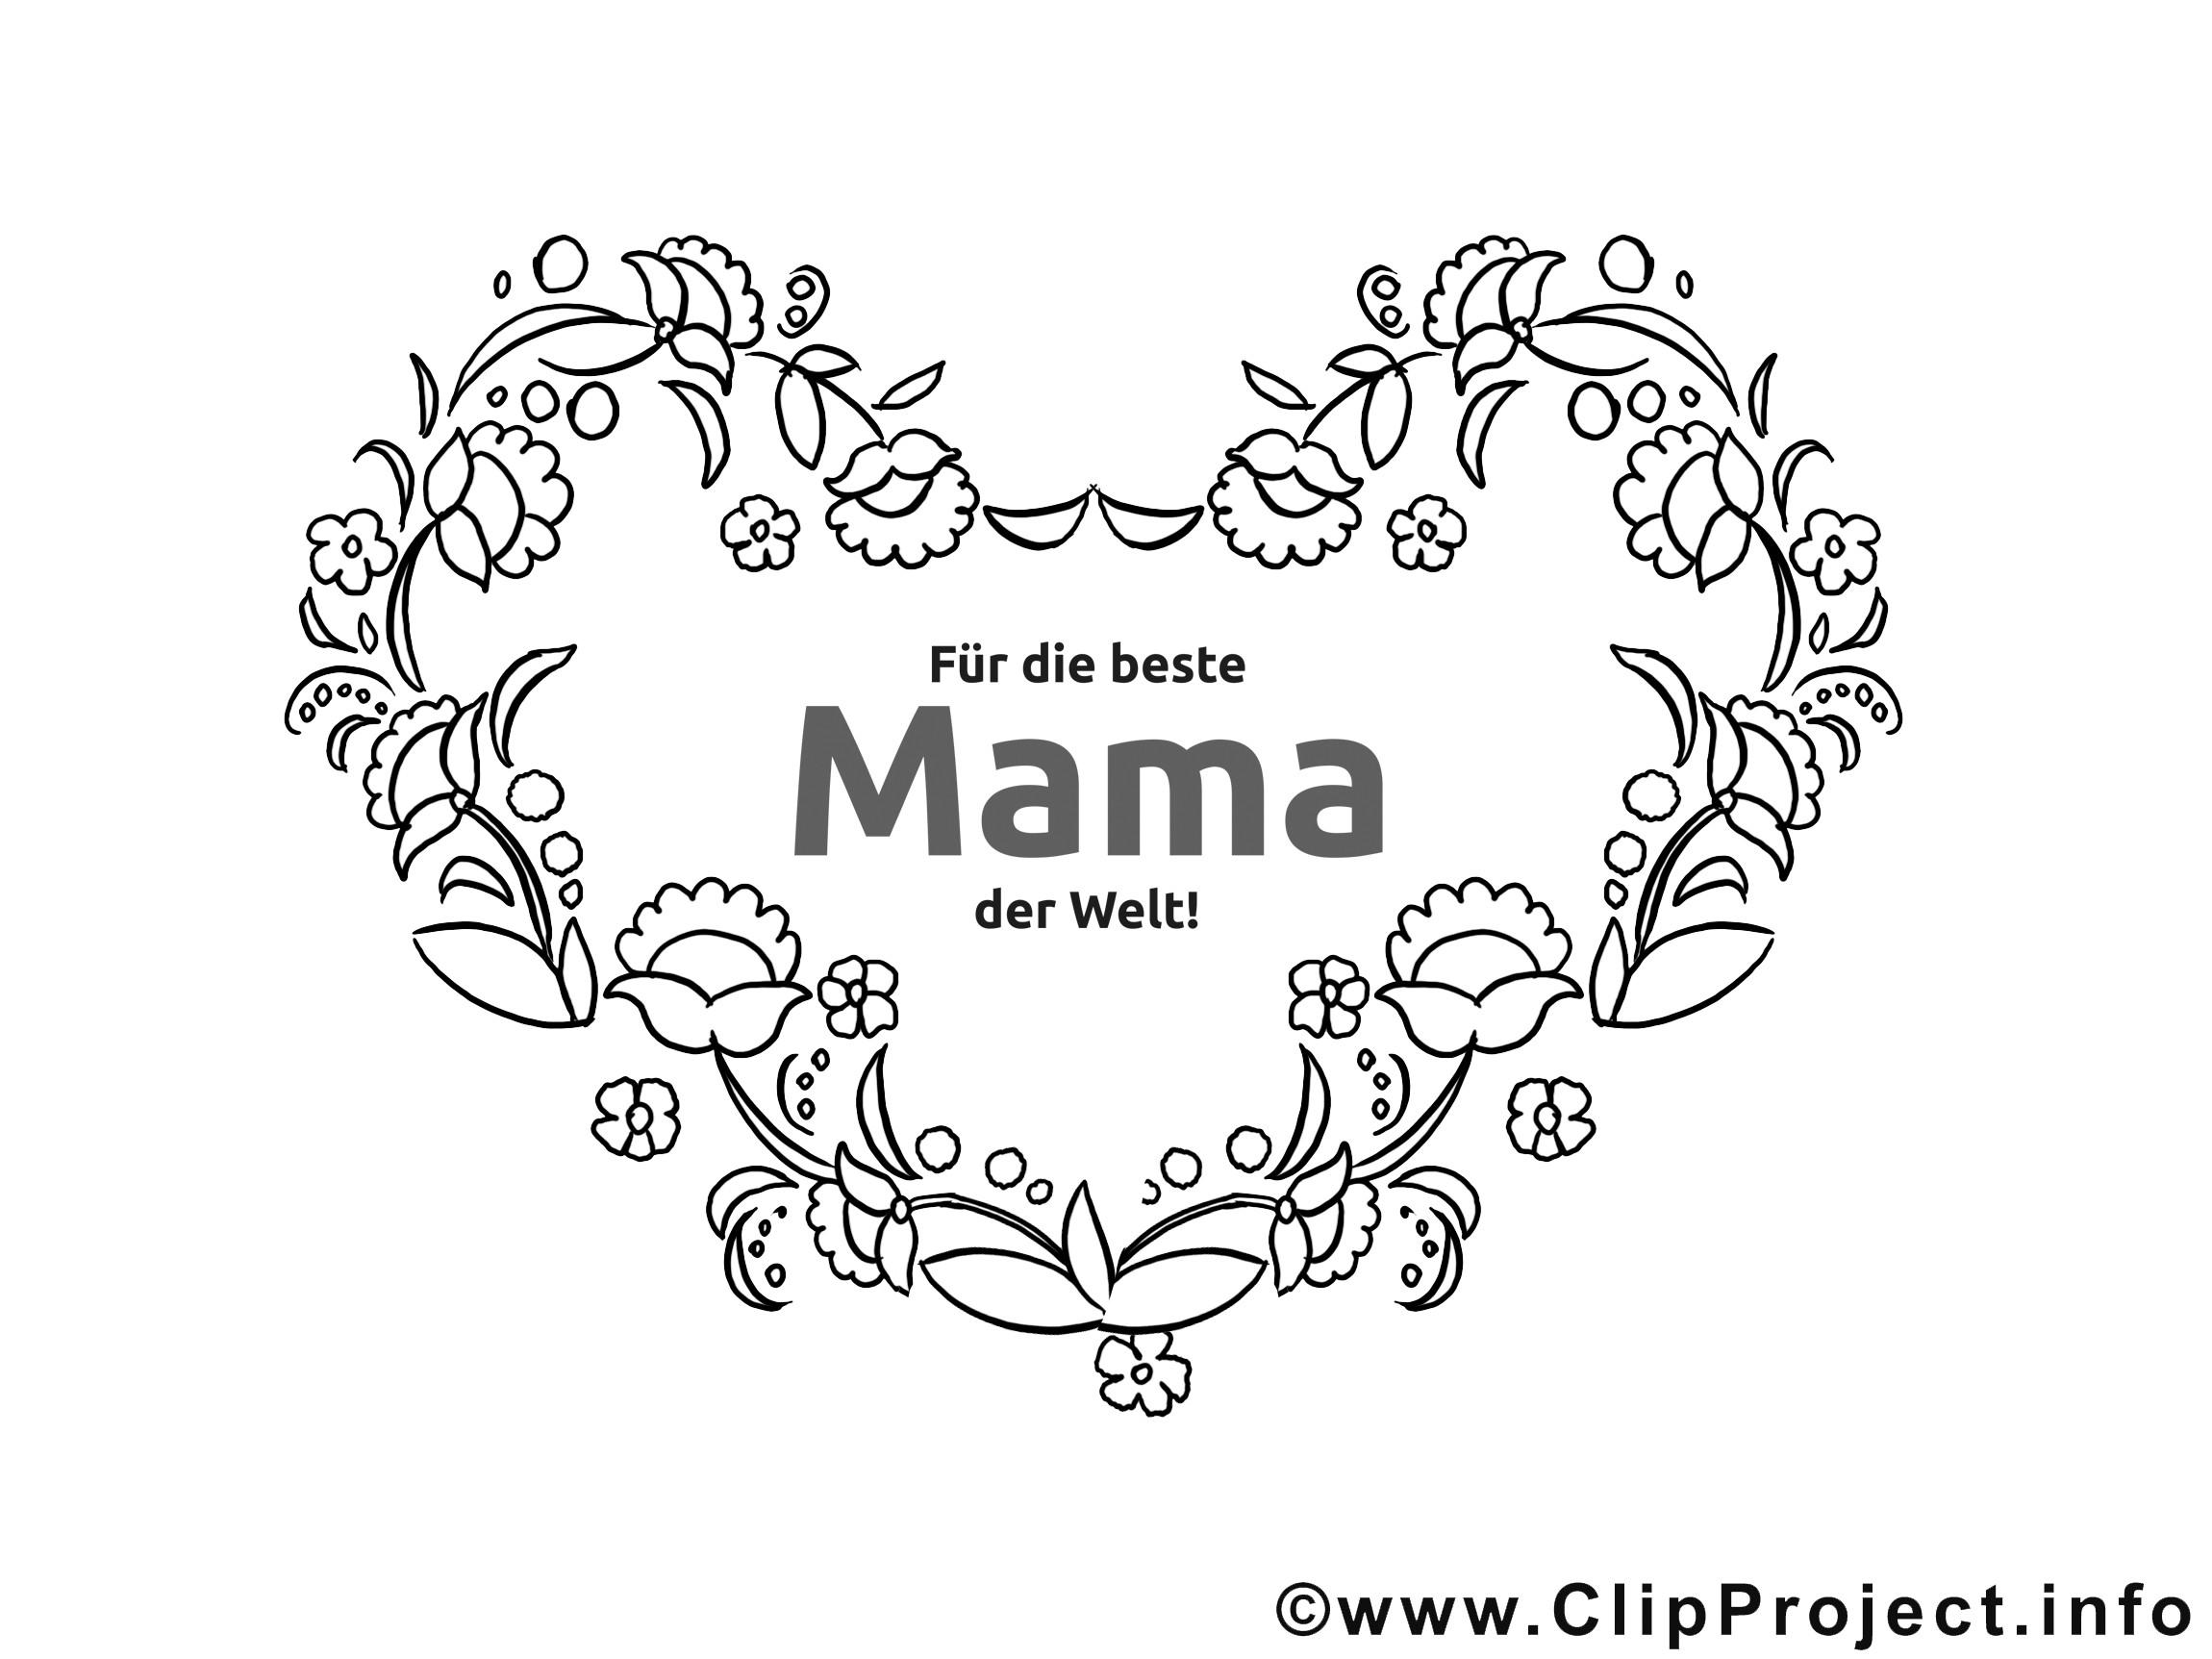 Die Schönsten Ausmalbilder Der Welt  Ranken Herz Für Mama Ausmalbilder Zum Muttertag